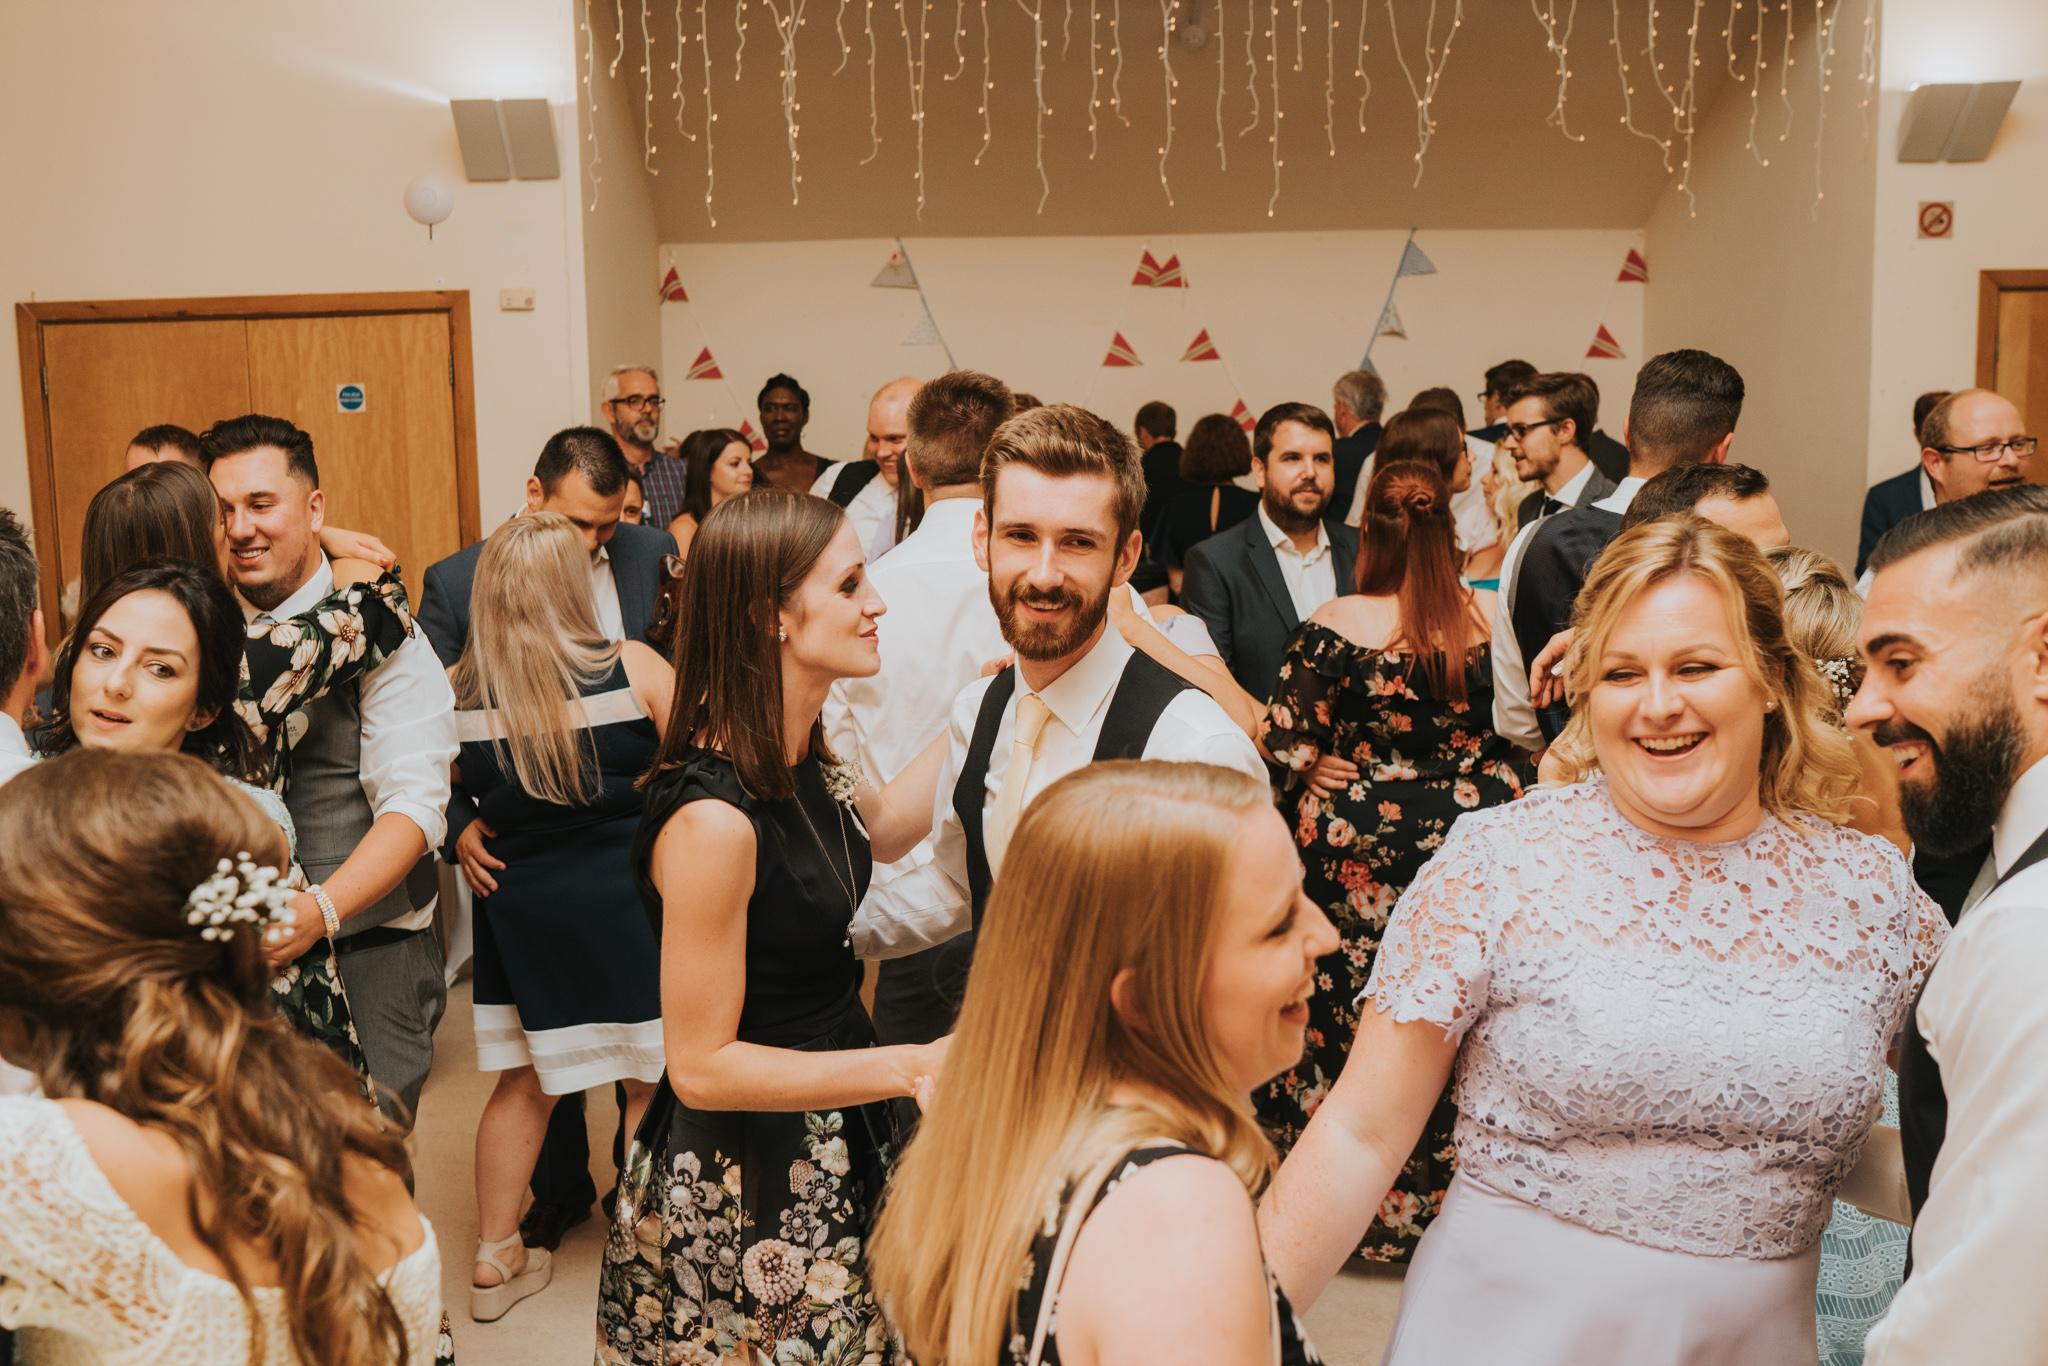 Joe-Tiffany-Colchester-Castle-Wedding-Essex-Grace-Elizabeth-Colchester-Essex-Alternative-Wedding-Photographer-Suffolk-Norfolk-Devon (117 of 122).jpg